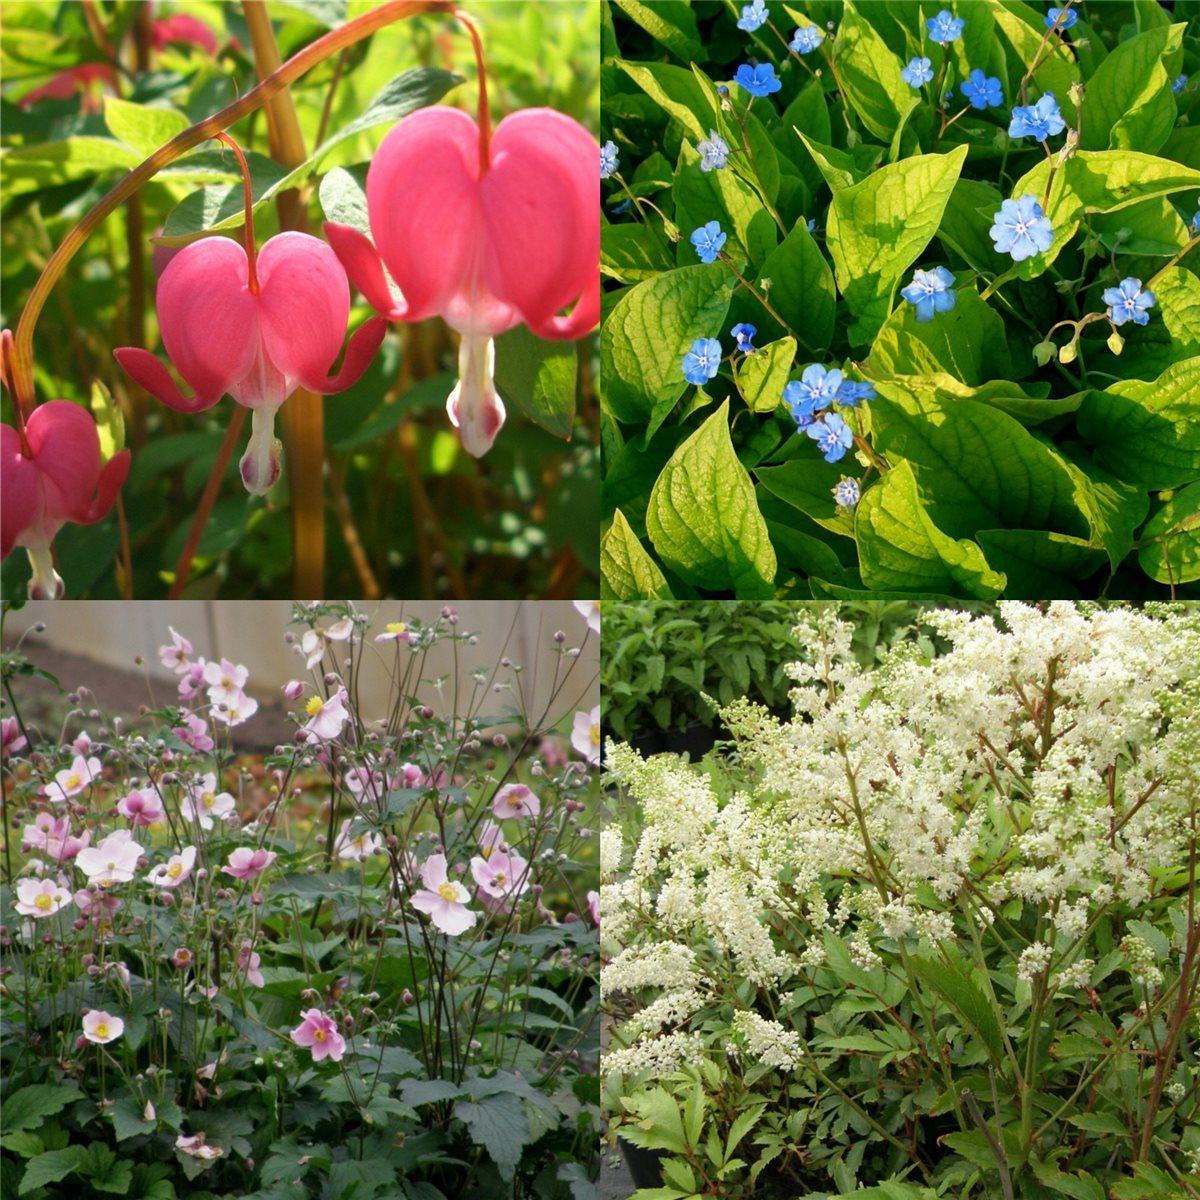 Beliebt Bevorzugt 10 Stk. Pflanzen für den Schatten Stauden-Paket winterhart | eBay #LB_01